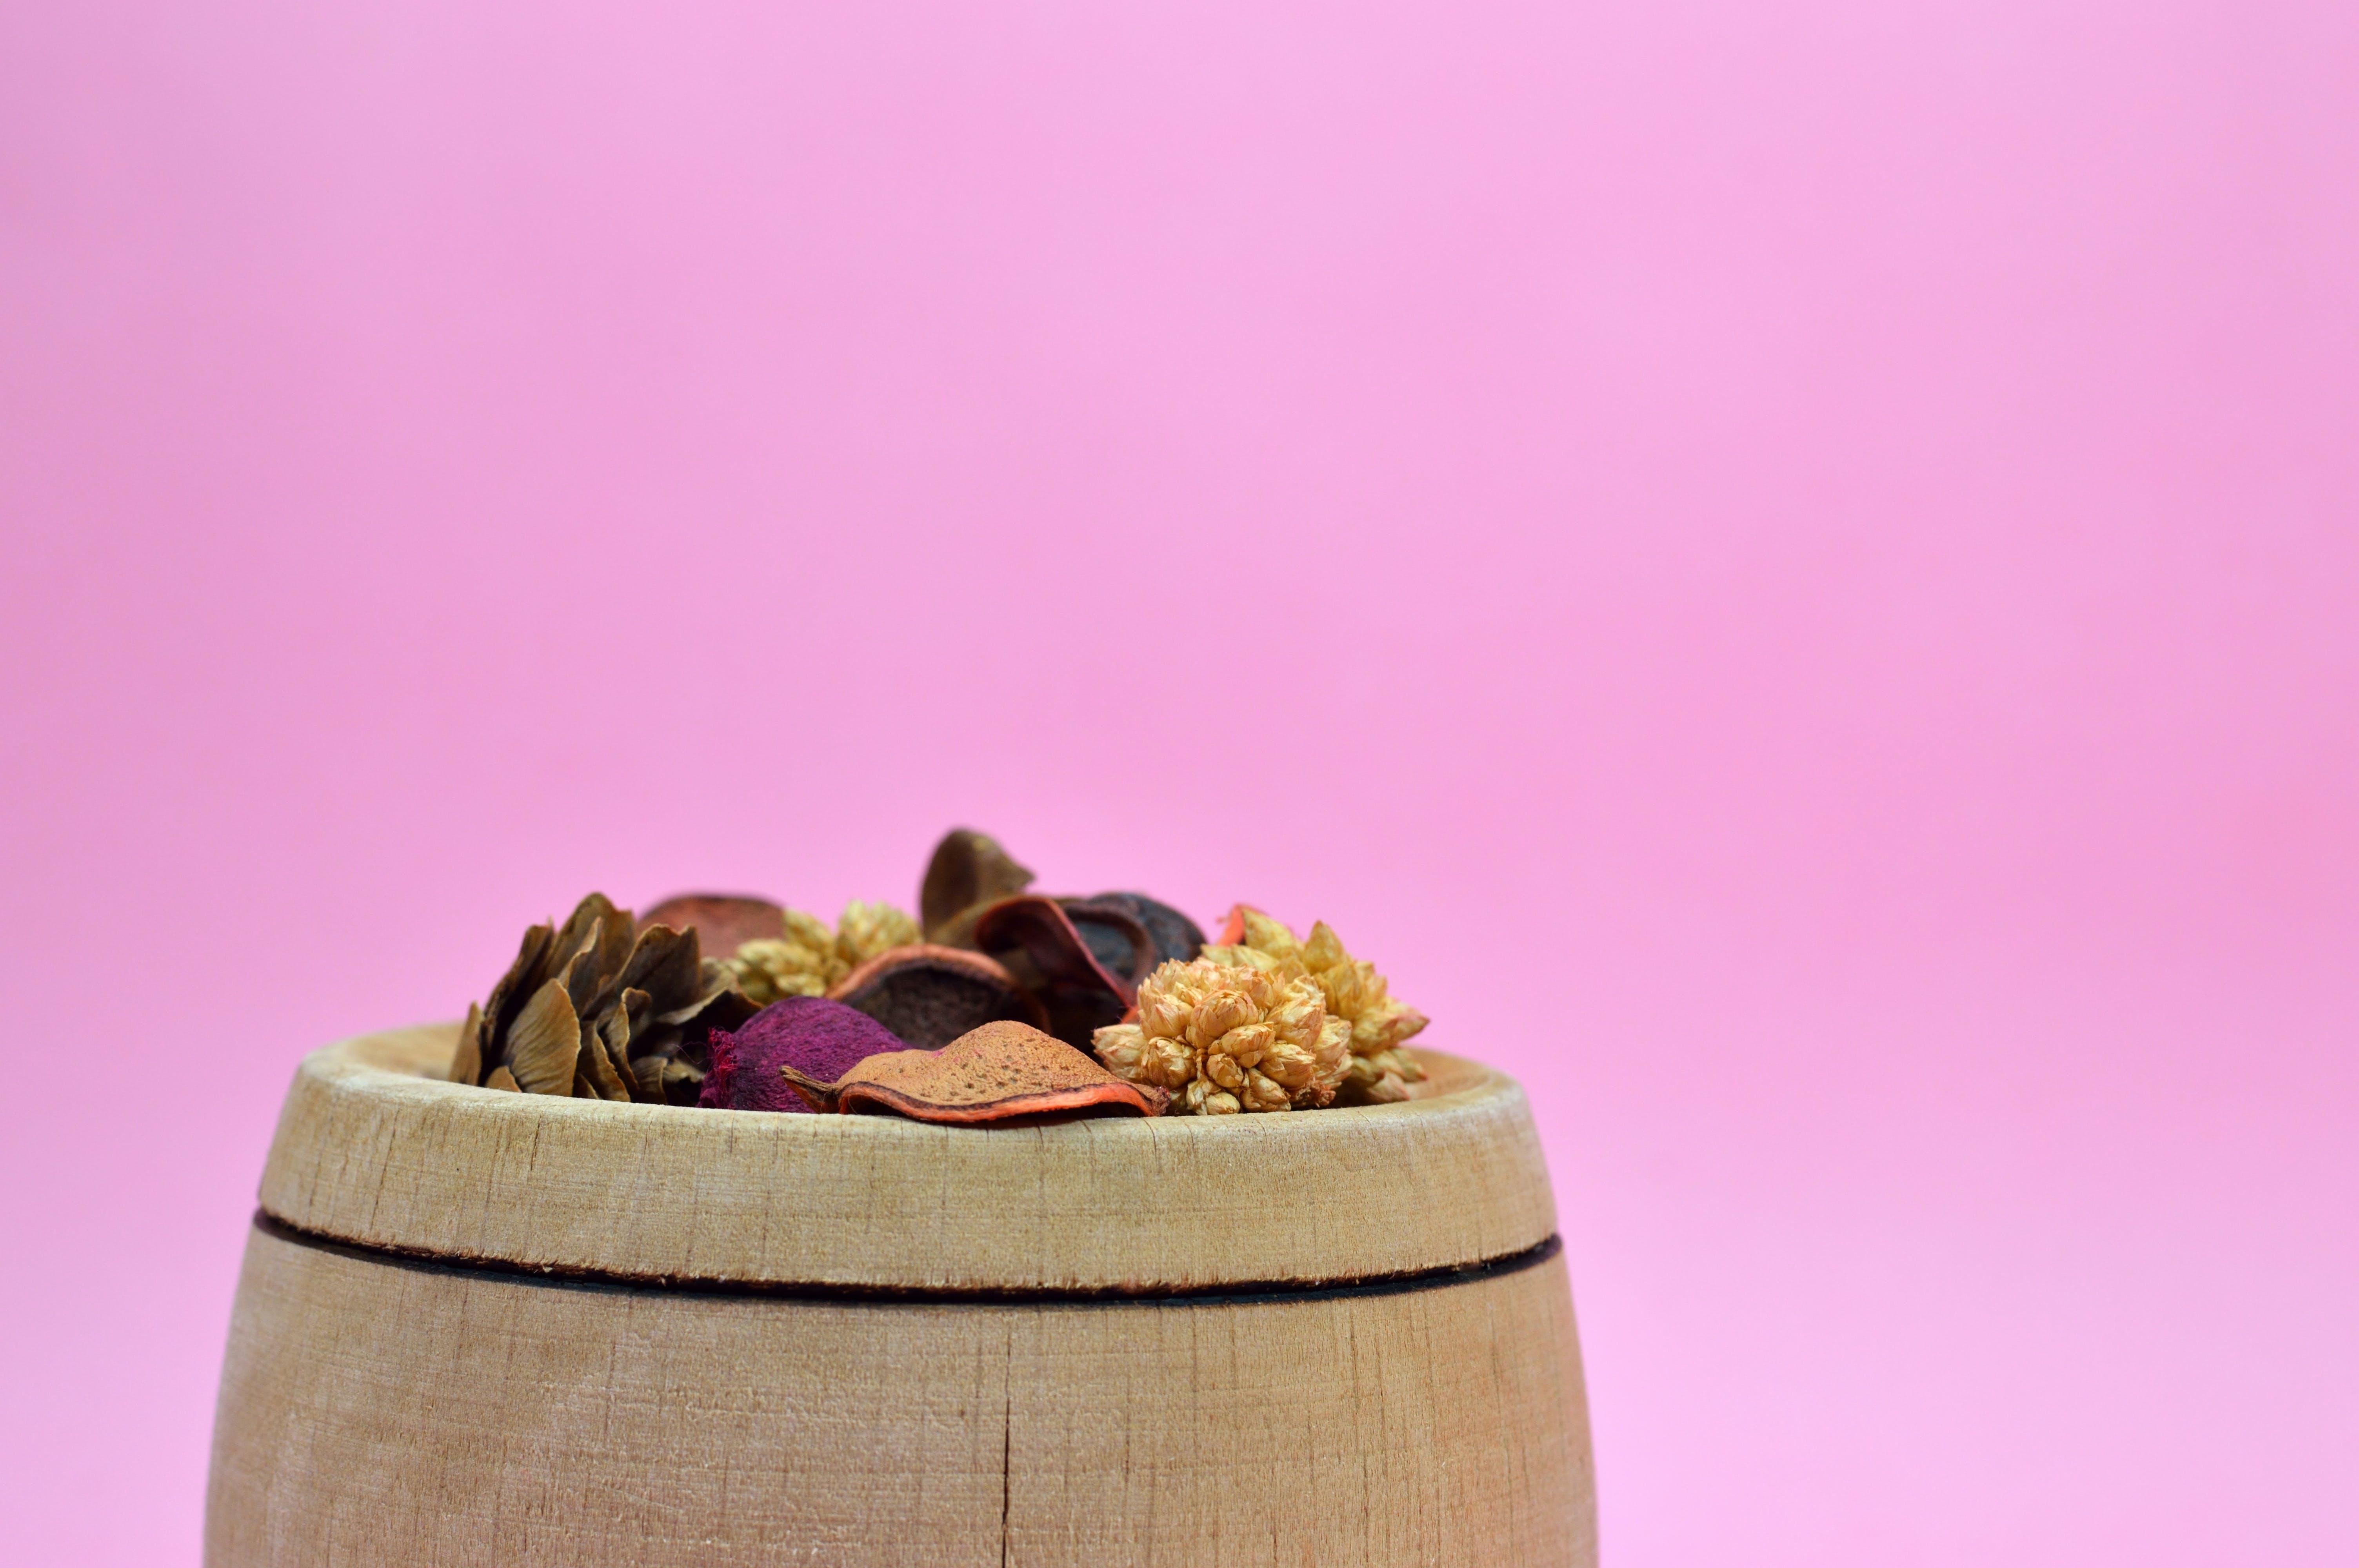 Kostenloses Stock Foto zu aroma, aromatisch, blatt, blütenblätter